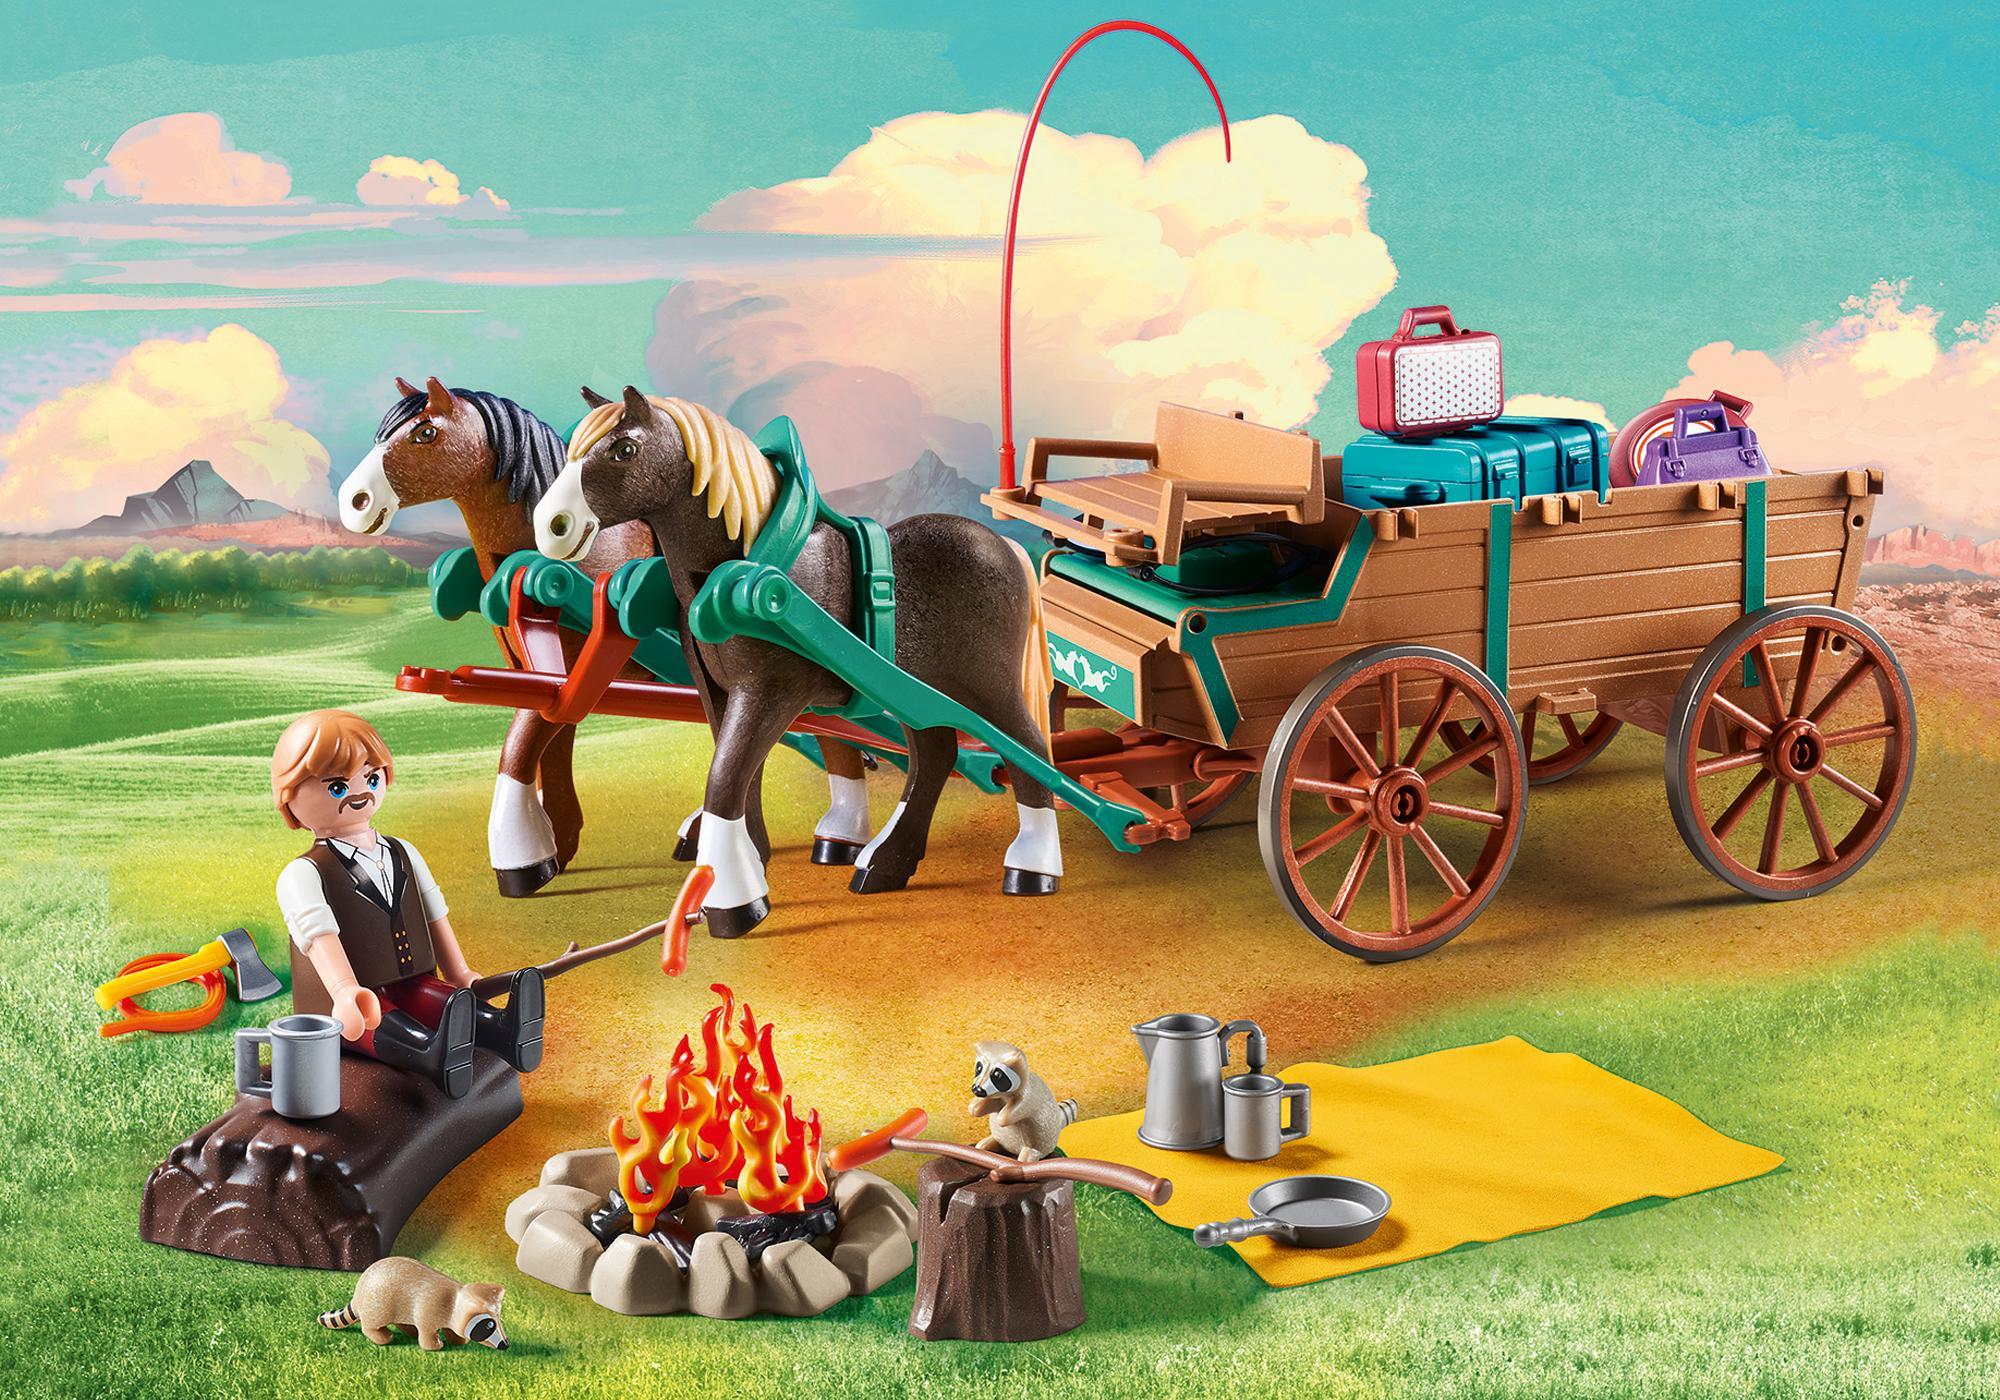 9477_product_detail/Lucky's far og vogn